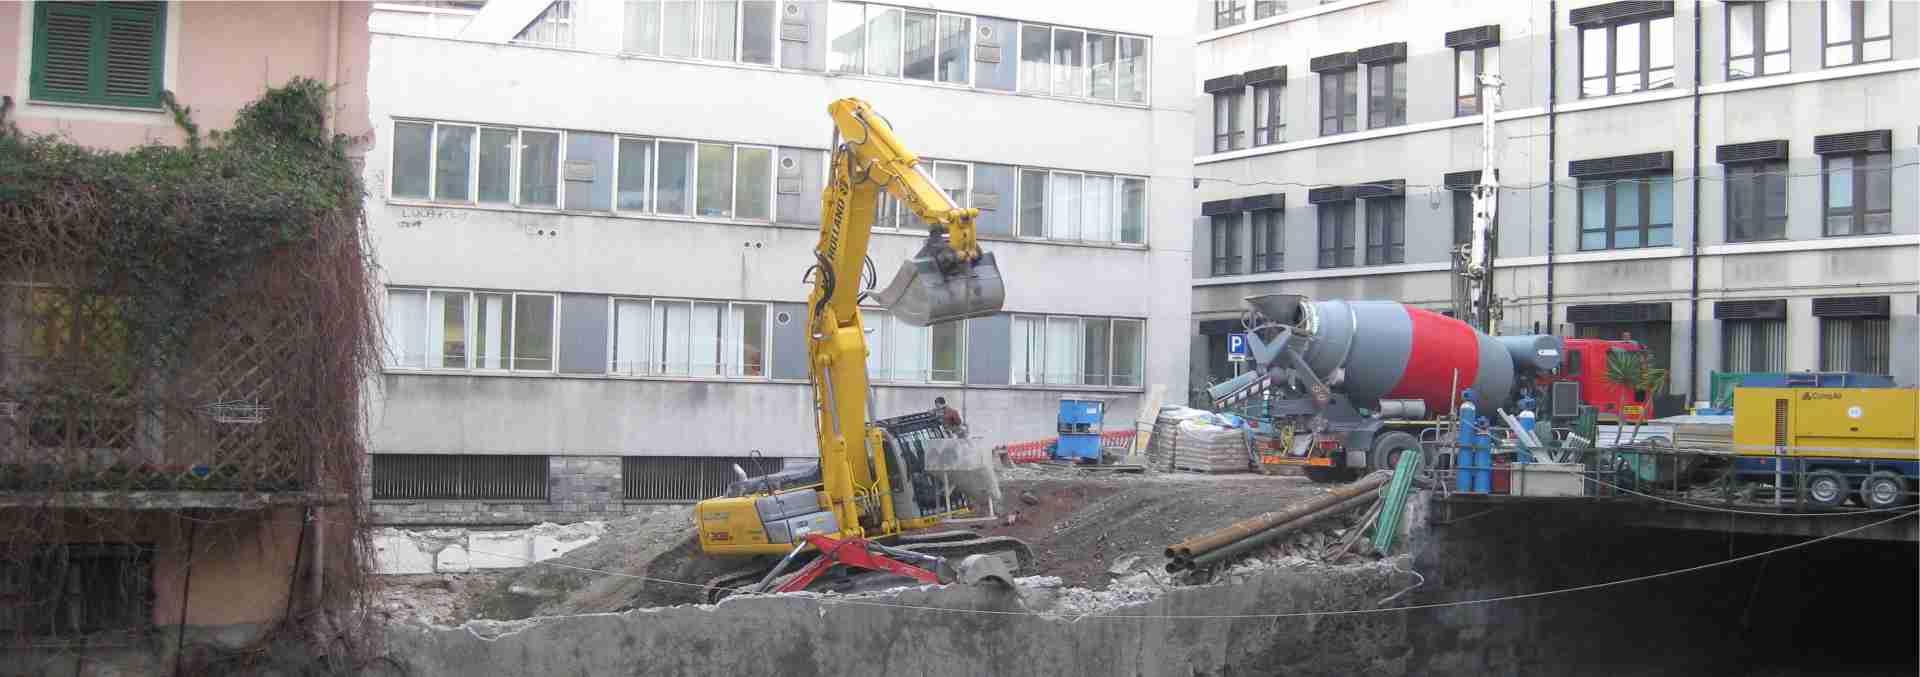 scavi e demolizioni - eso strade (2)